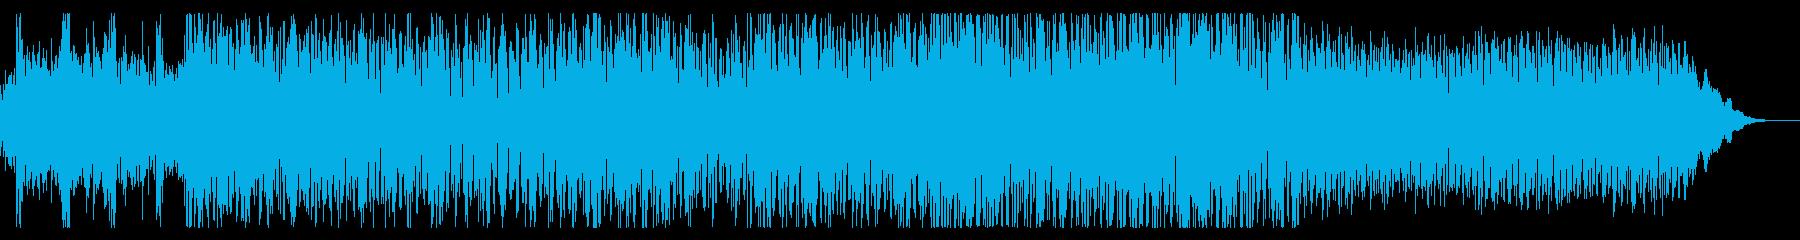 調性感の希薄なサイケデリックトランスの再生済みの波形